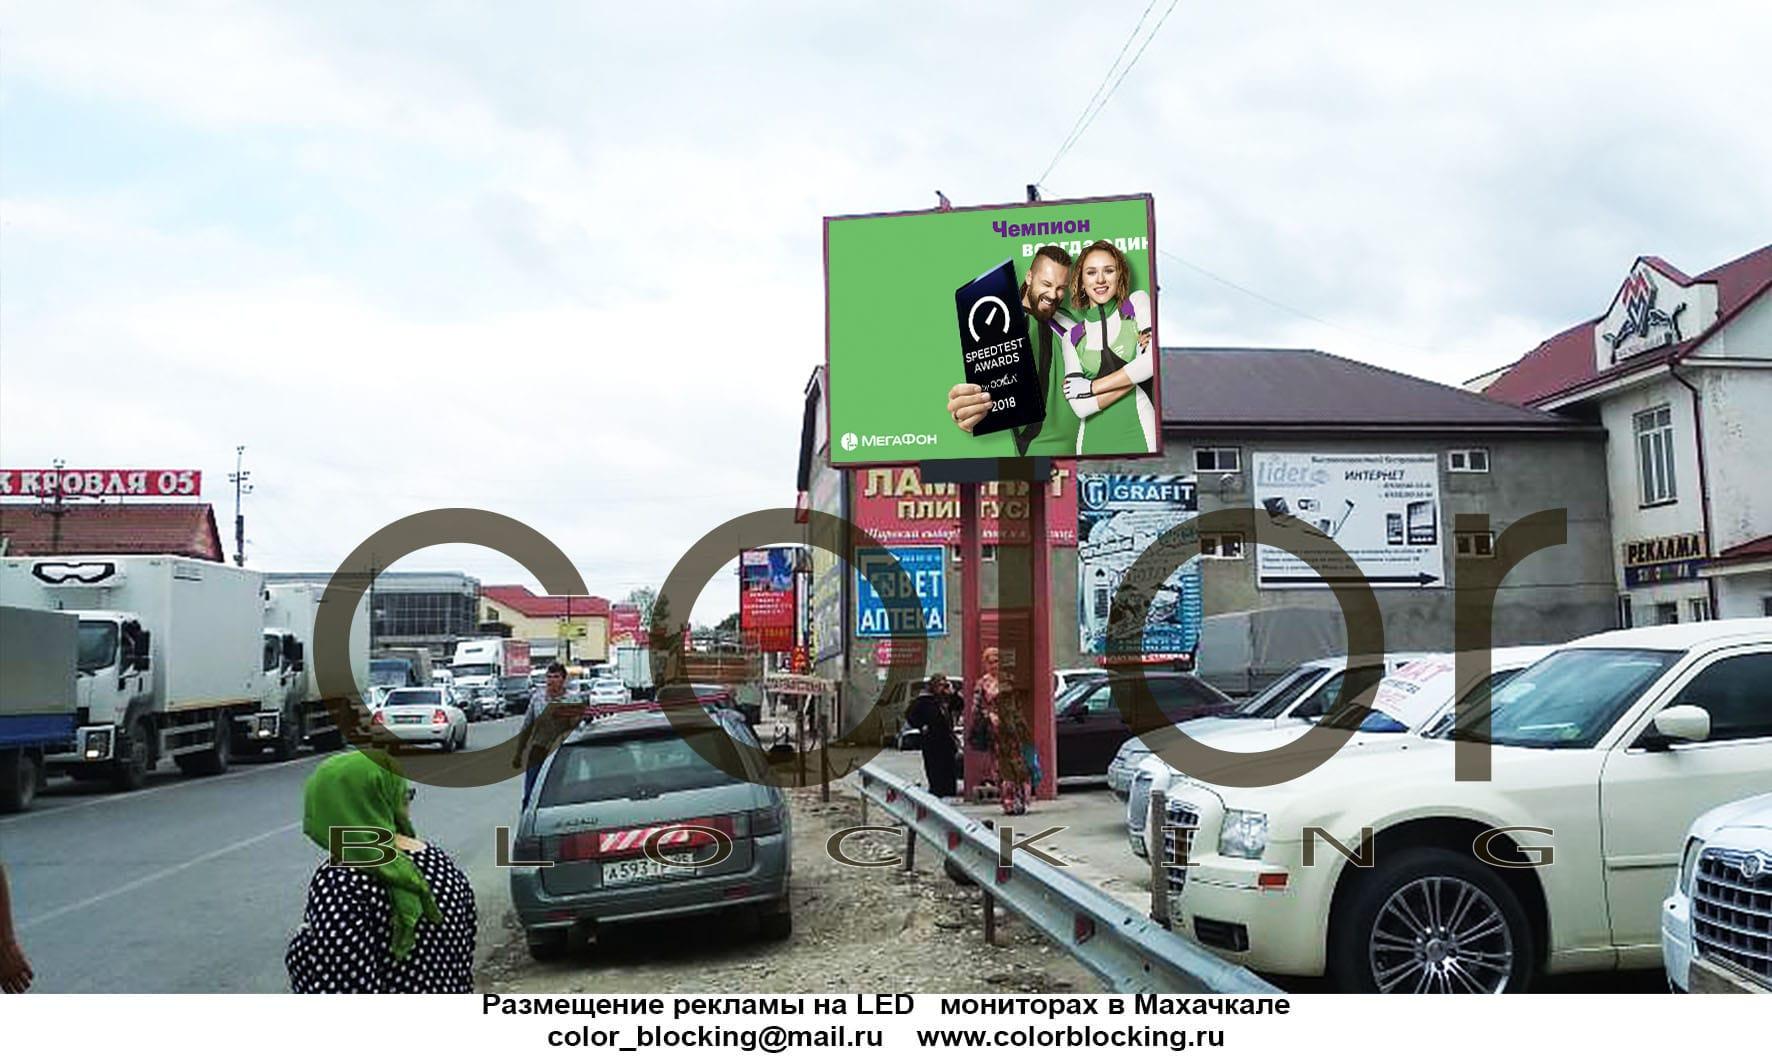 Размещение рекламы на светодиодных экранах в Махачкале Хасавюрт